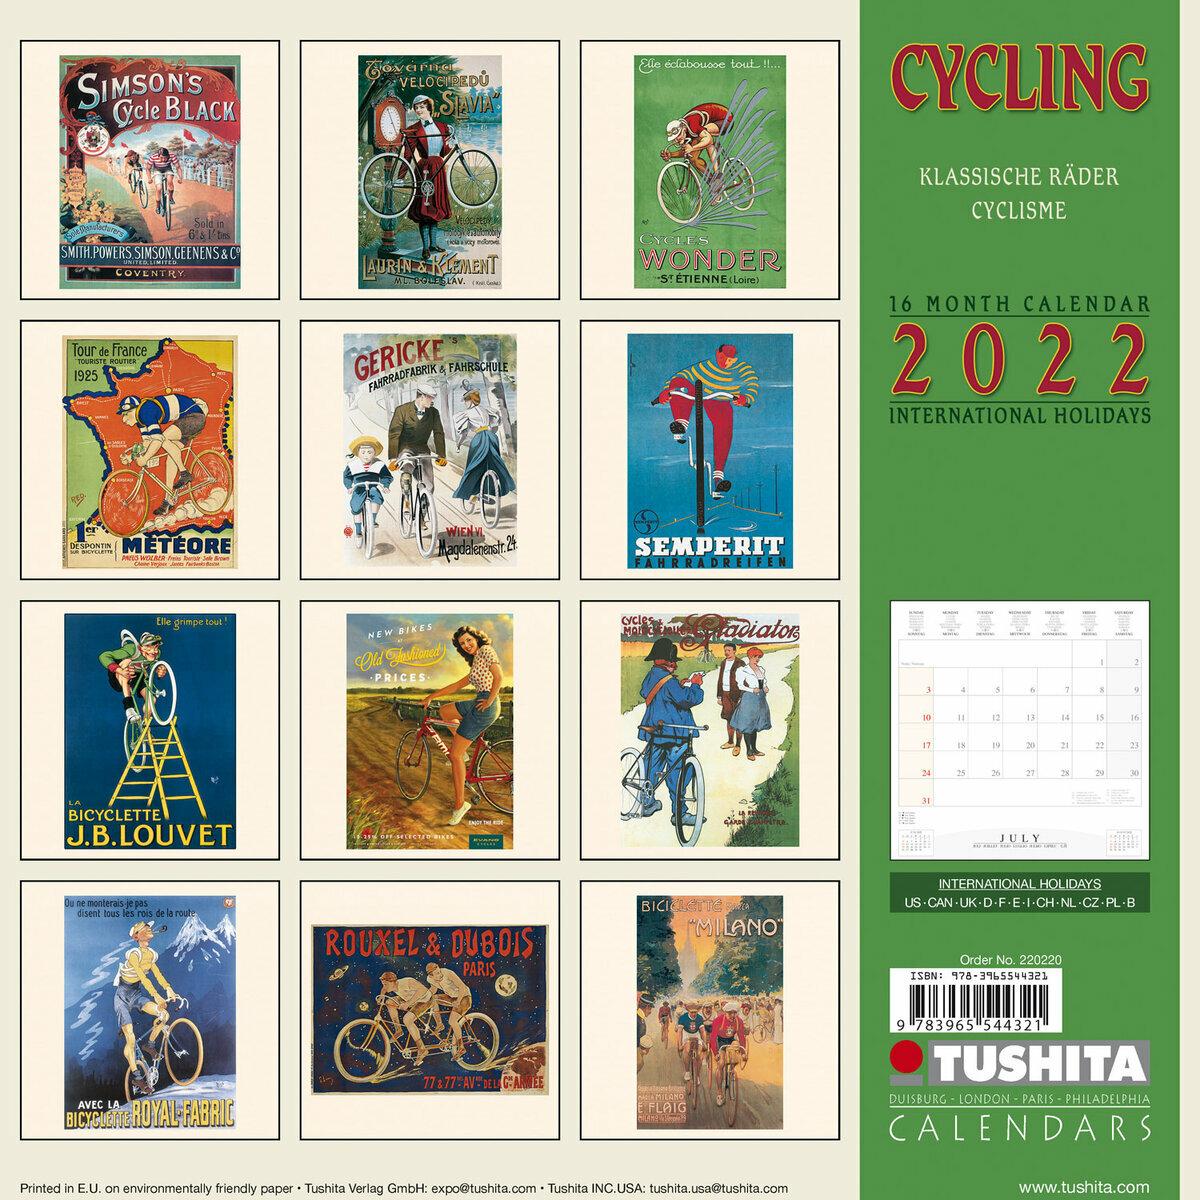 Cyclisme Calendrier 2022 Calendrier 2022 Affiche retro cyclisme